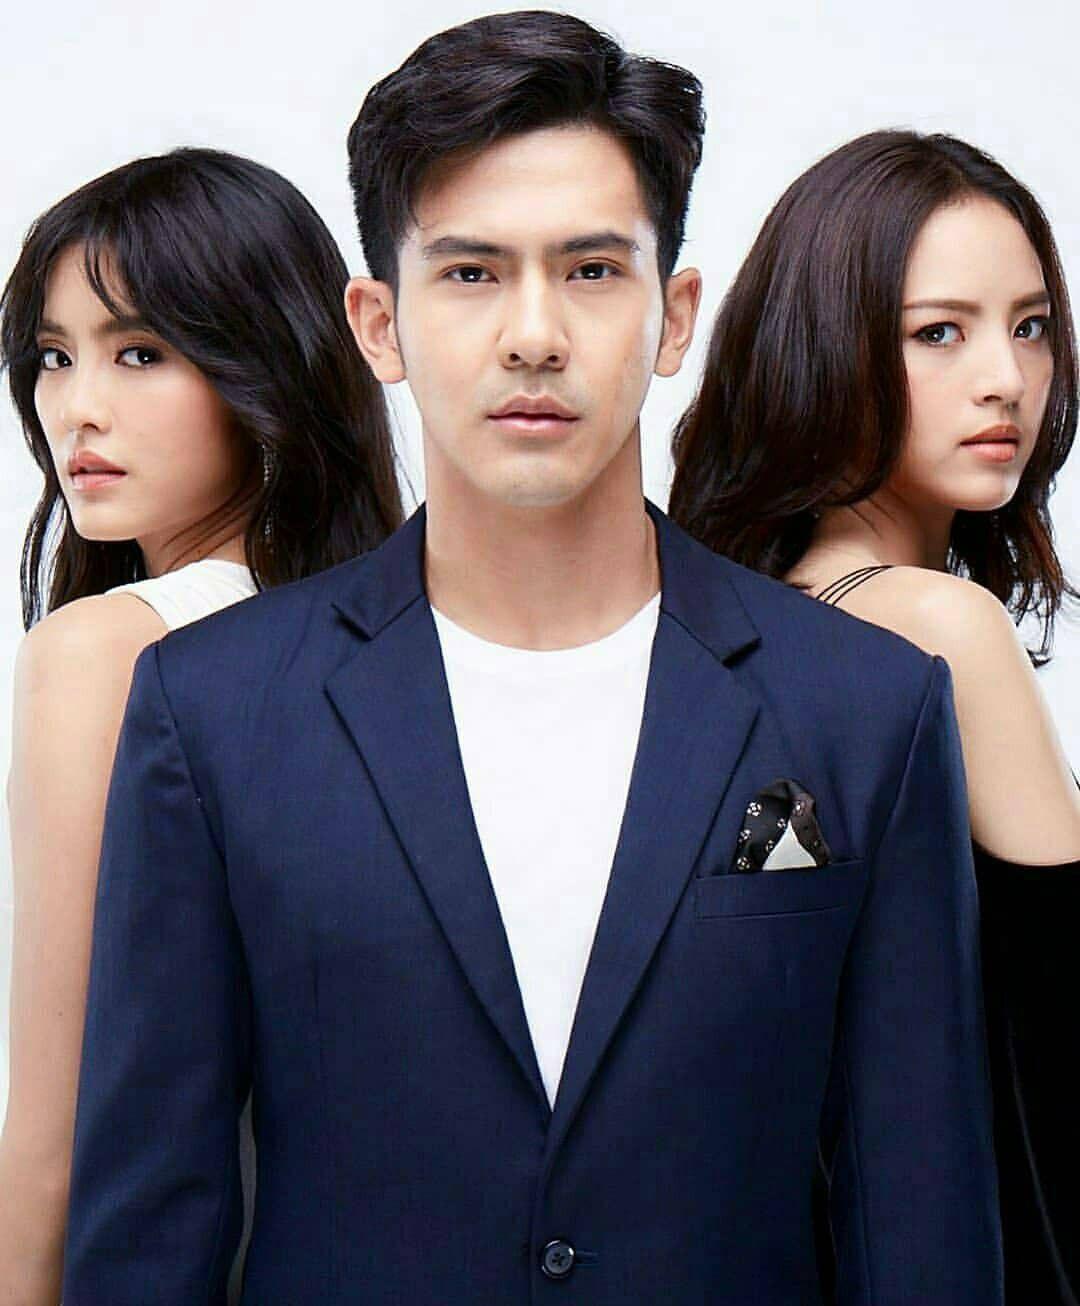 Phim truyền hình Thái tháng 5: Bữa đại tiệc của dàn soái ca (10)